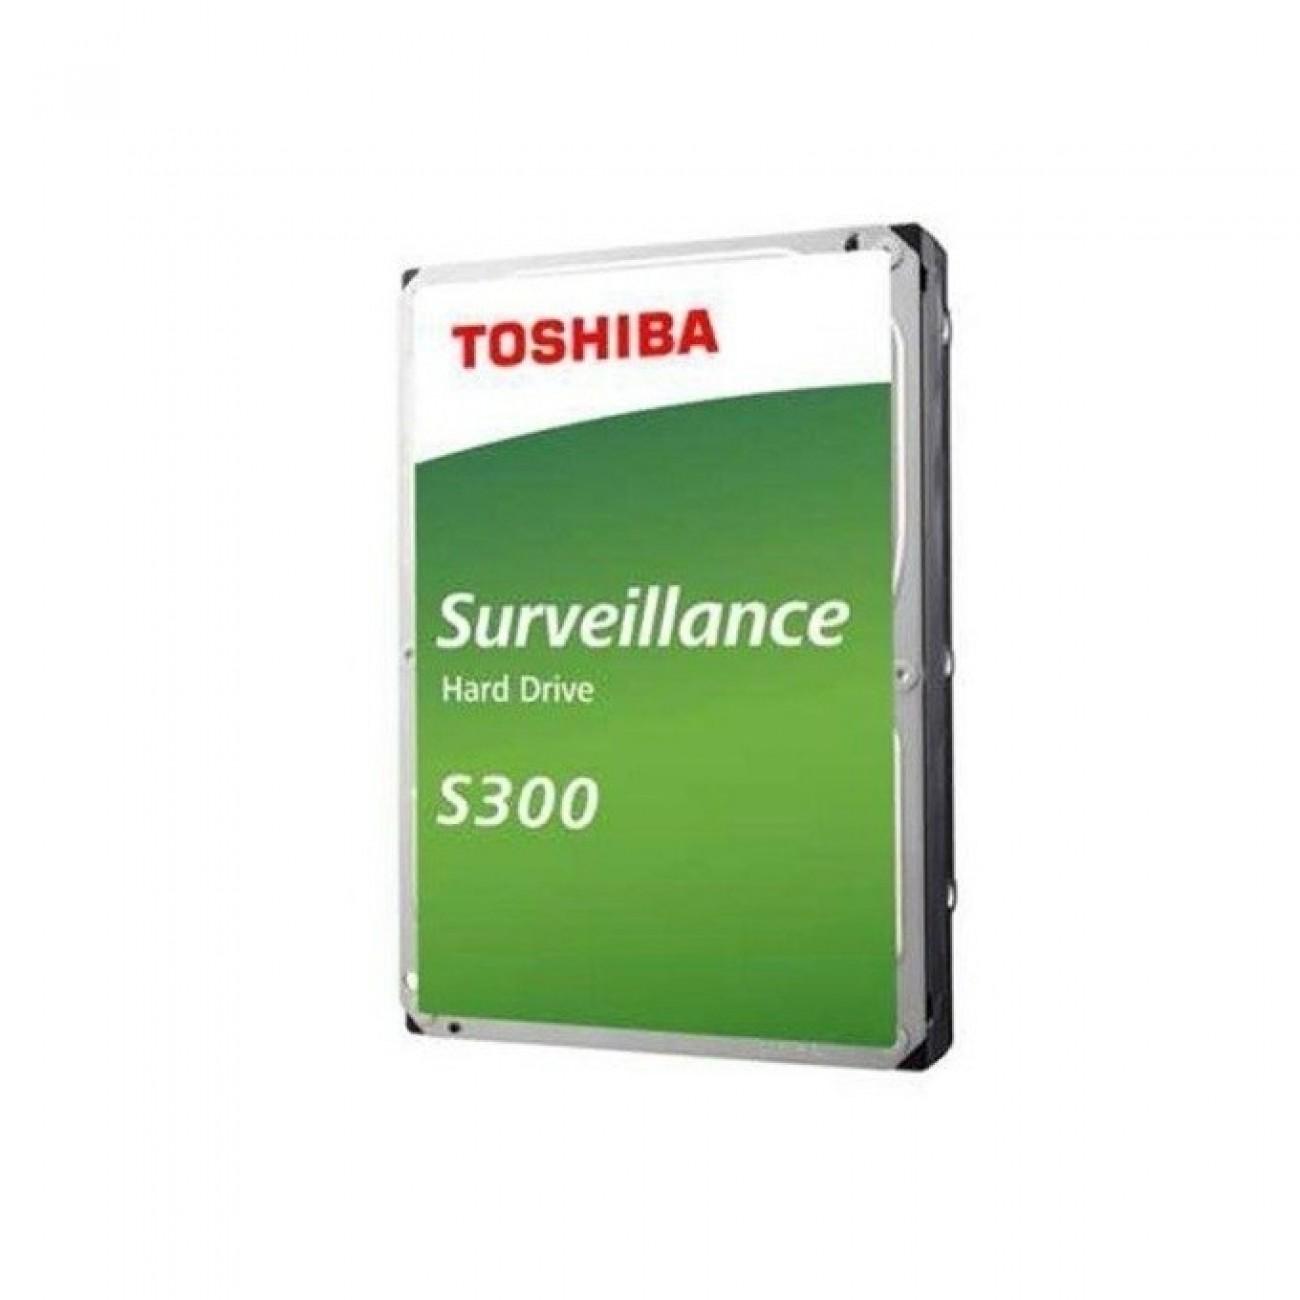 5TB Toshiba S300, SATA 6Gb/s, 5400 rpm, 128MB, 3.5 (8.89cm), Bulk в Твърди дискове Вътрешни -  | Alleop